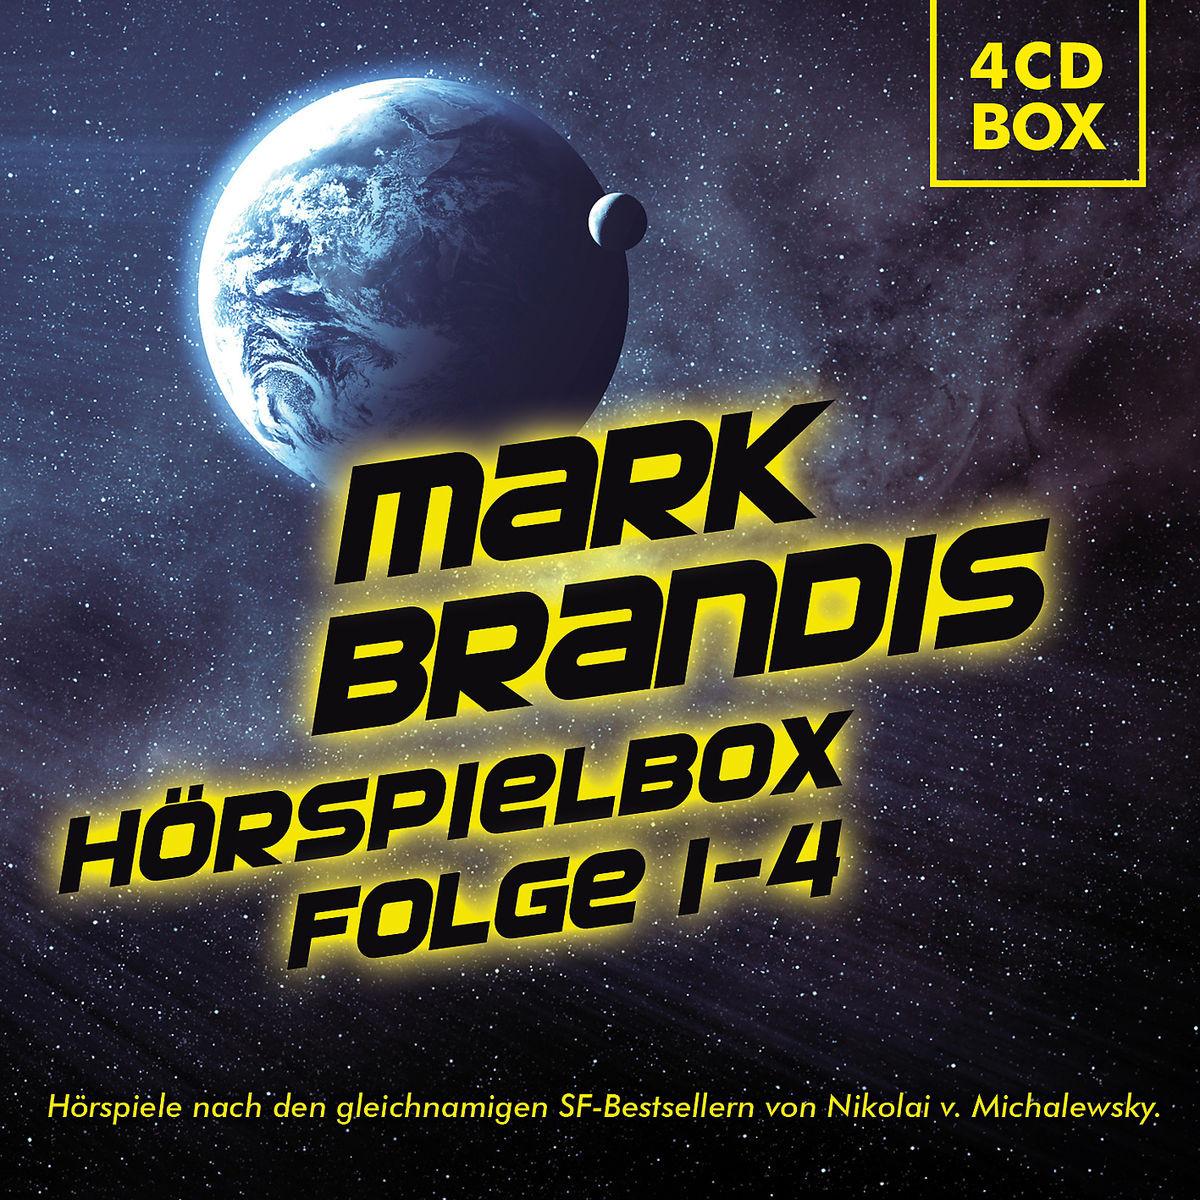 Mark Brandis - Hörspielbox - Folge 01-04